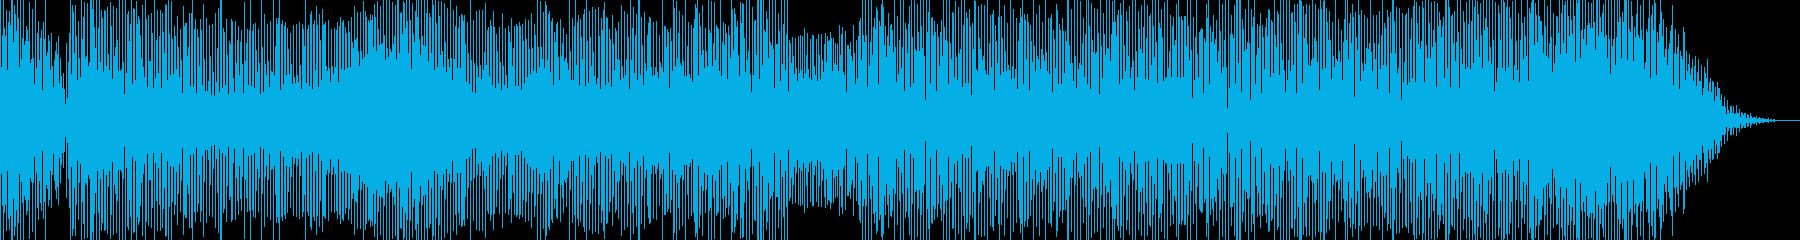 アフリカンなエレクトロニカ音楽の再生済みの波形